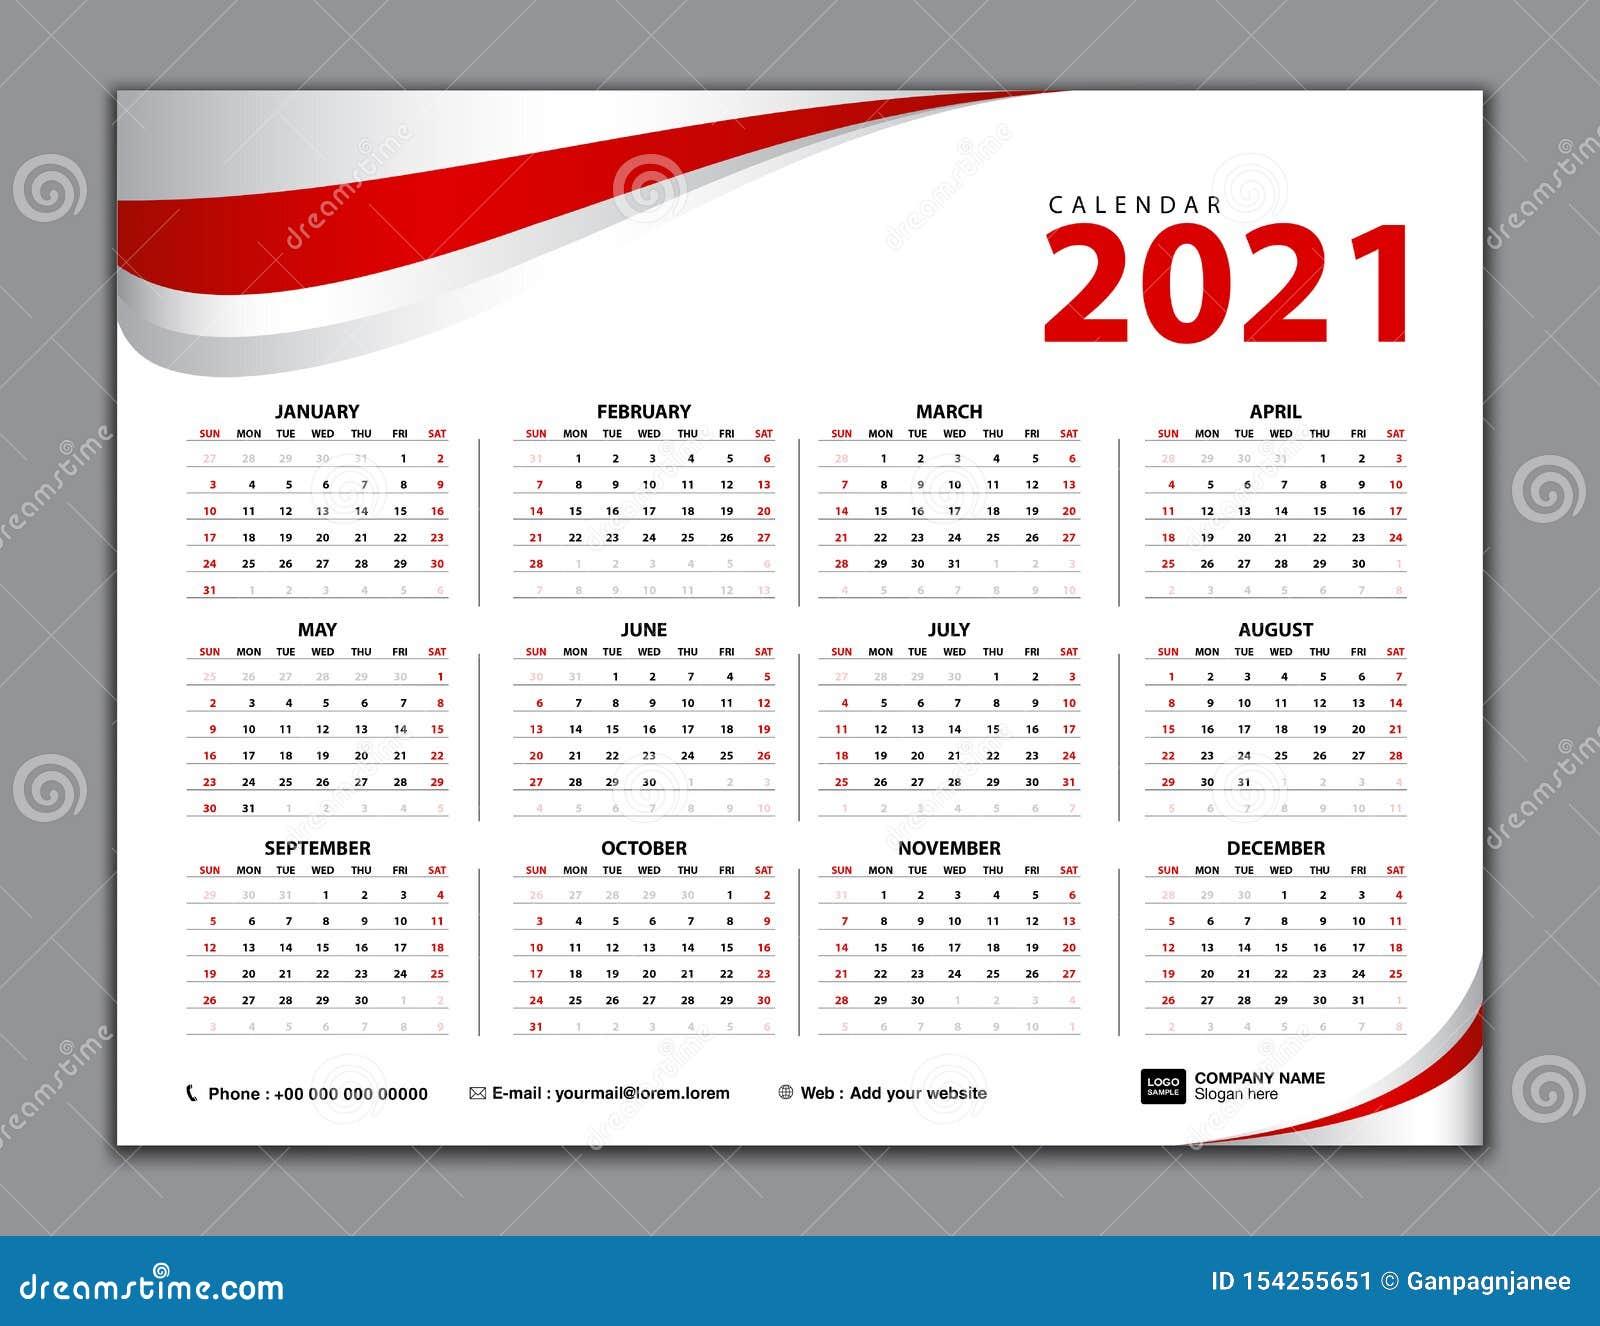 Calendrier 2021, Calendrier Simple, Bureau, Débuts De Semaine Du